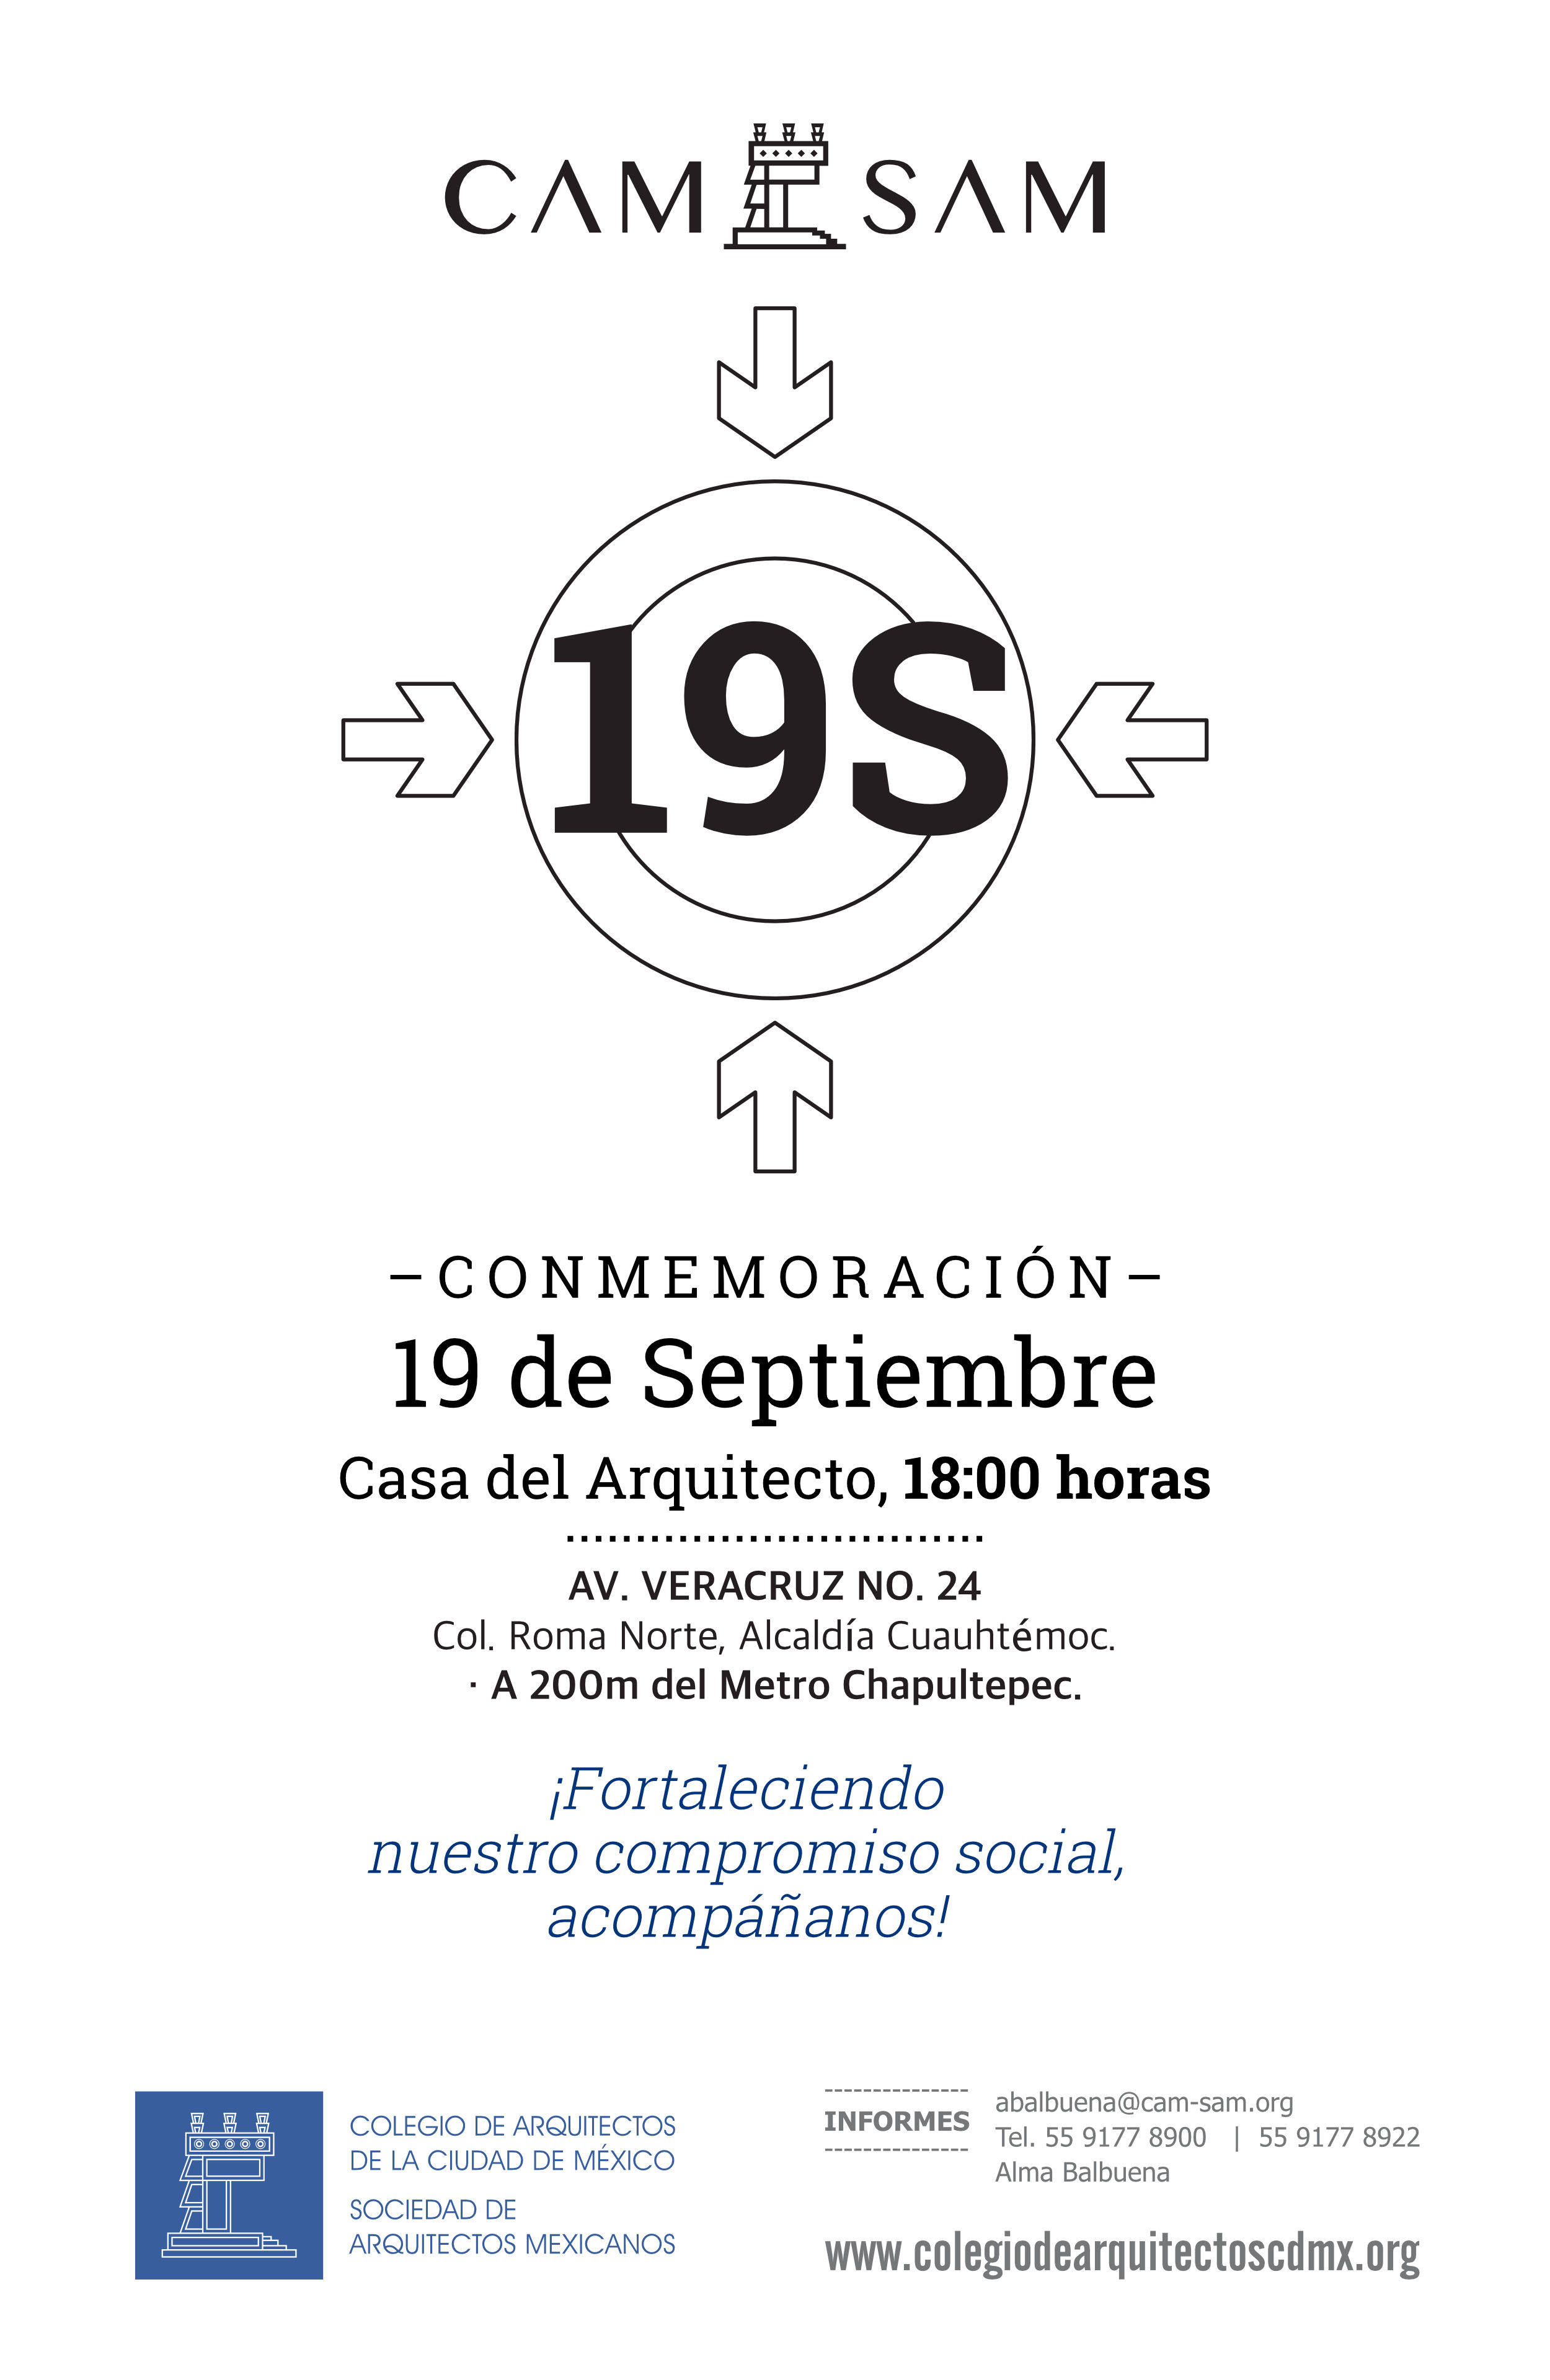 Conmemoración 19 de Septiembre